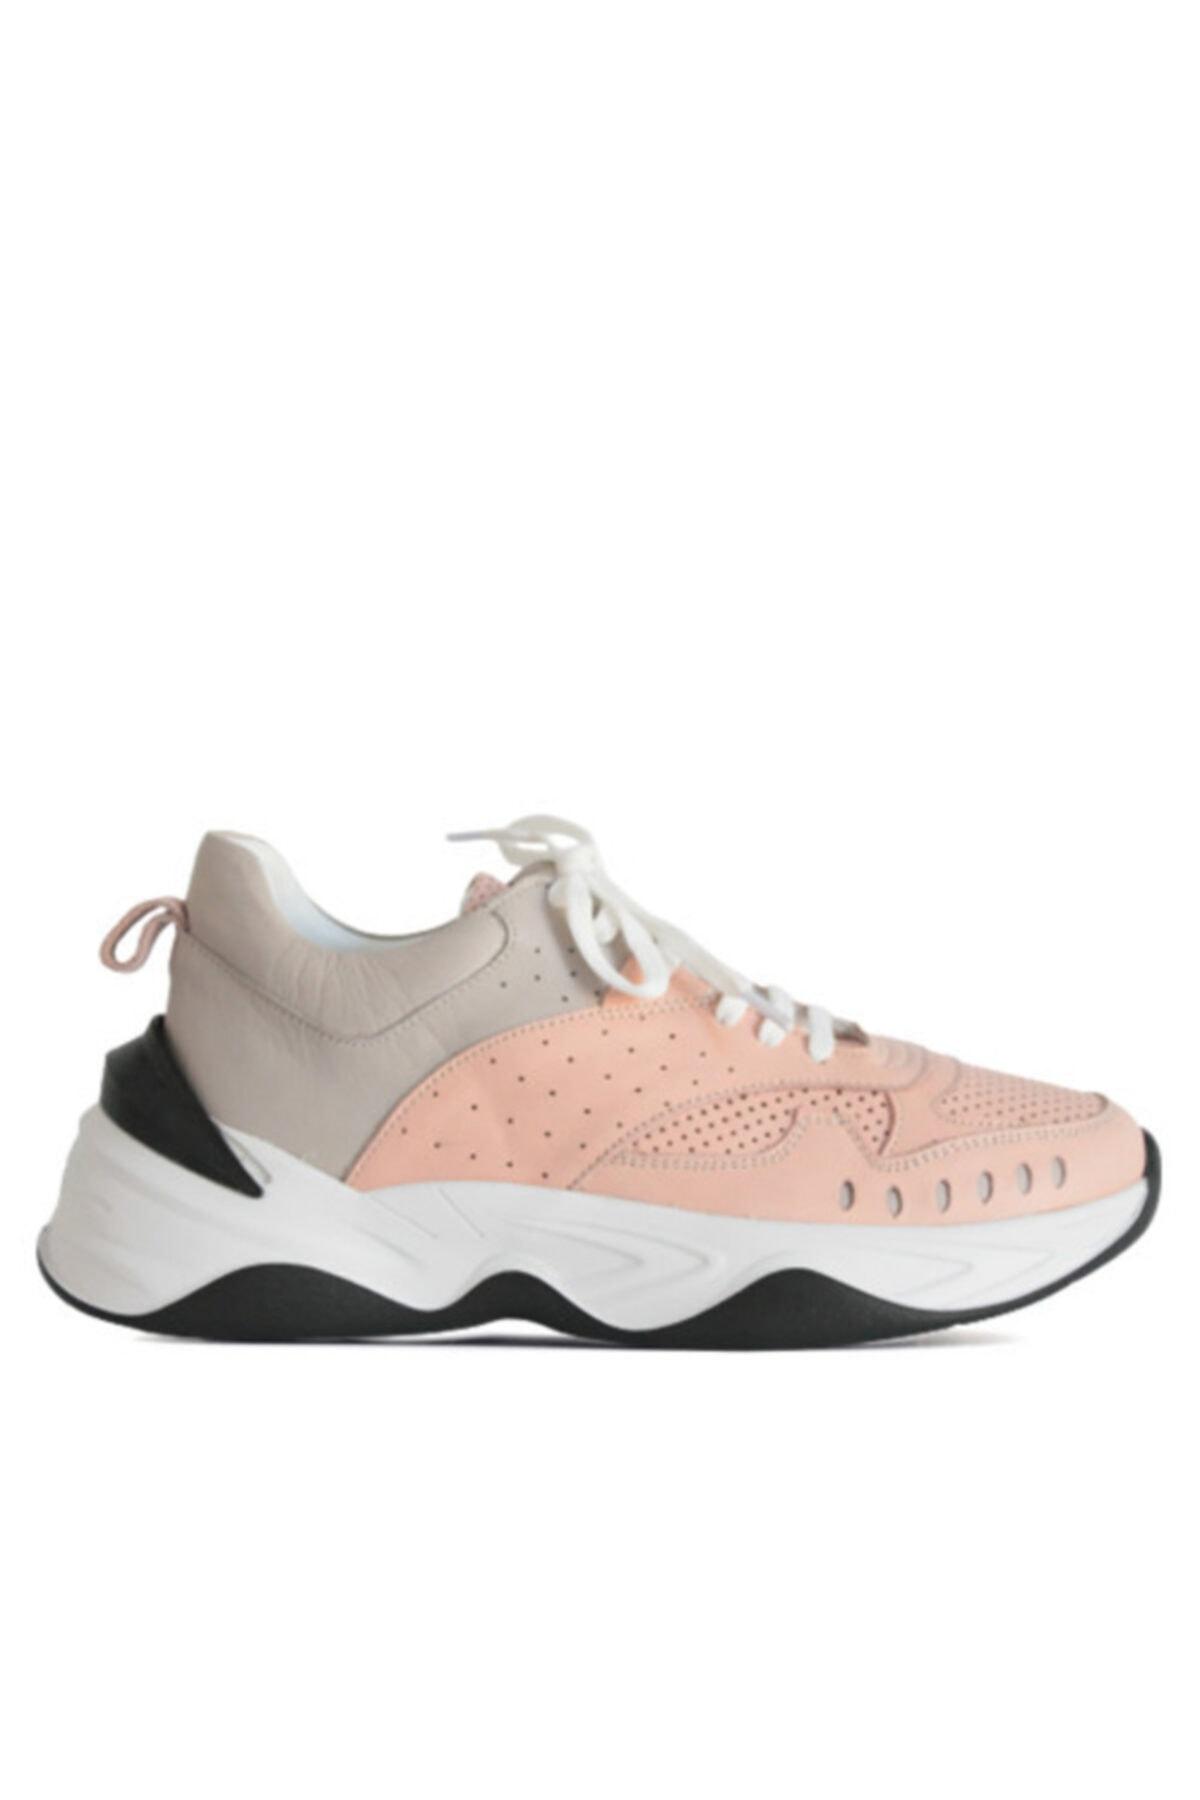 Beta Shoes Kadın Hakiki Deri Sneaker Spor Ayakkabı Gri-pudra 1